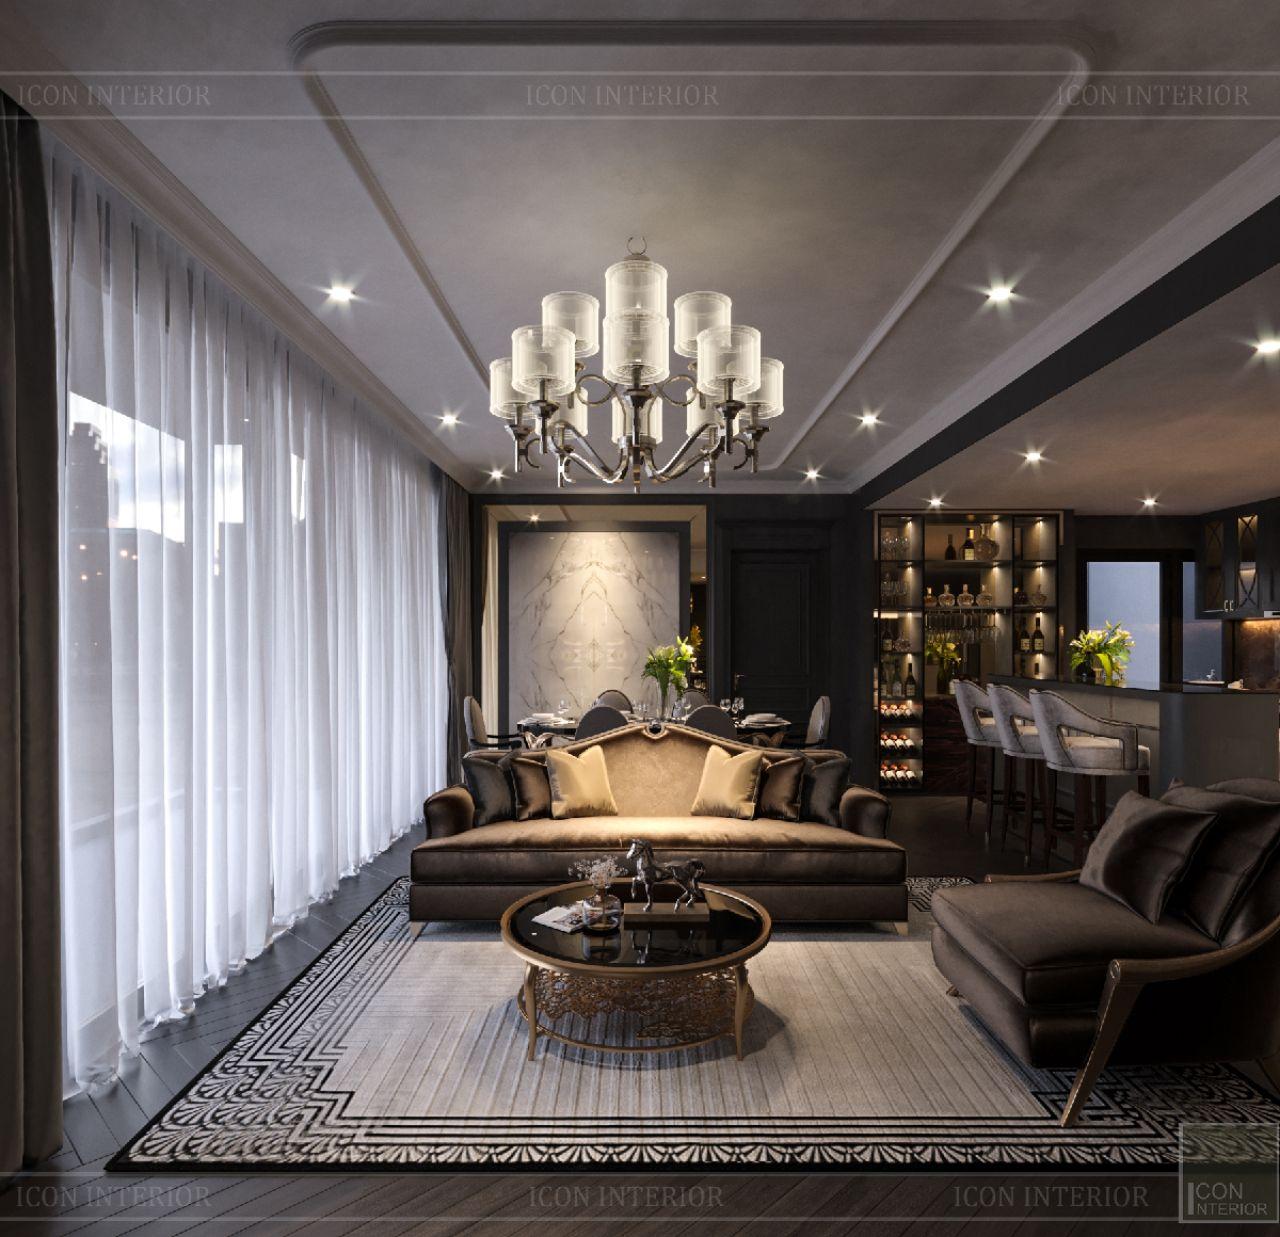 thiết kế căn hộ Empire City